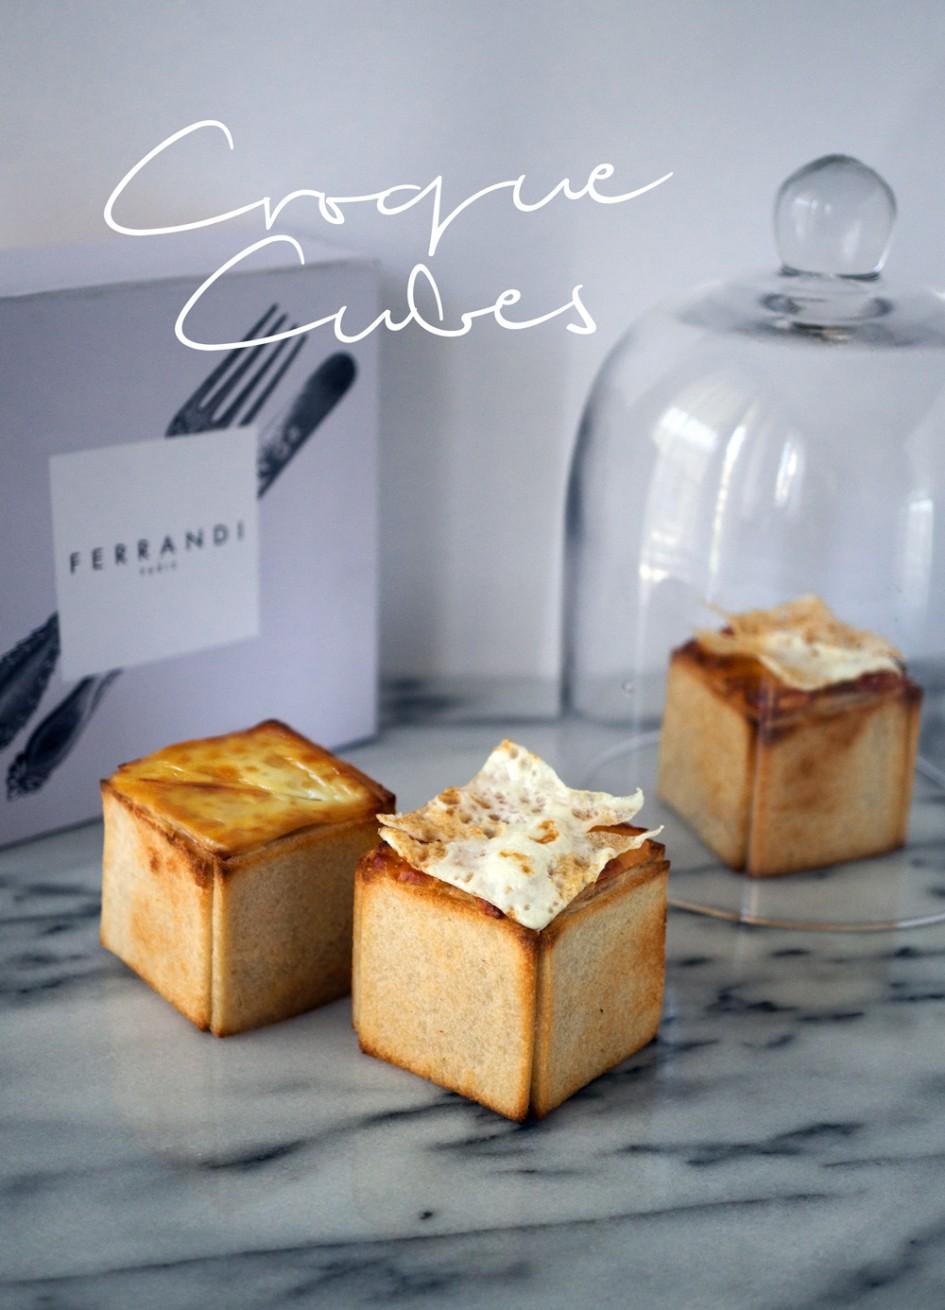 bluette.fr Croque-cubes